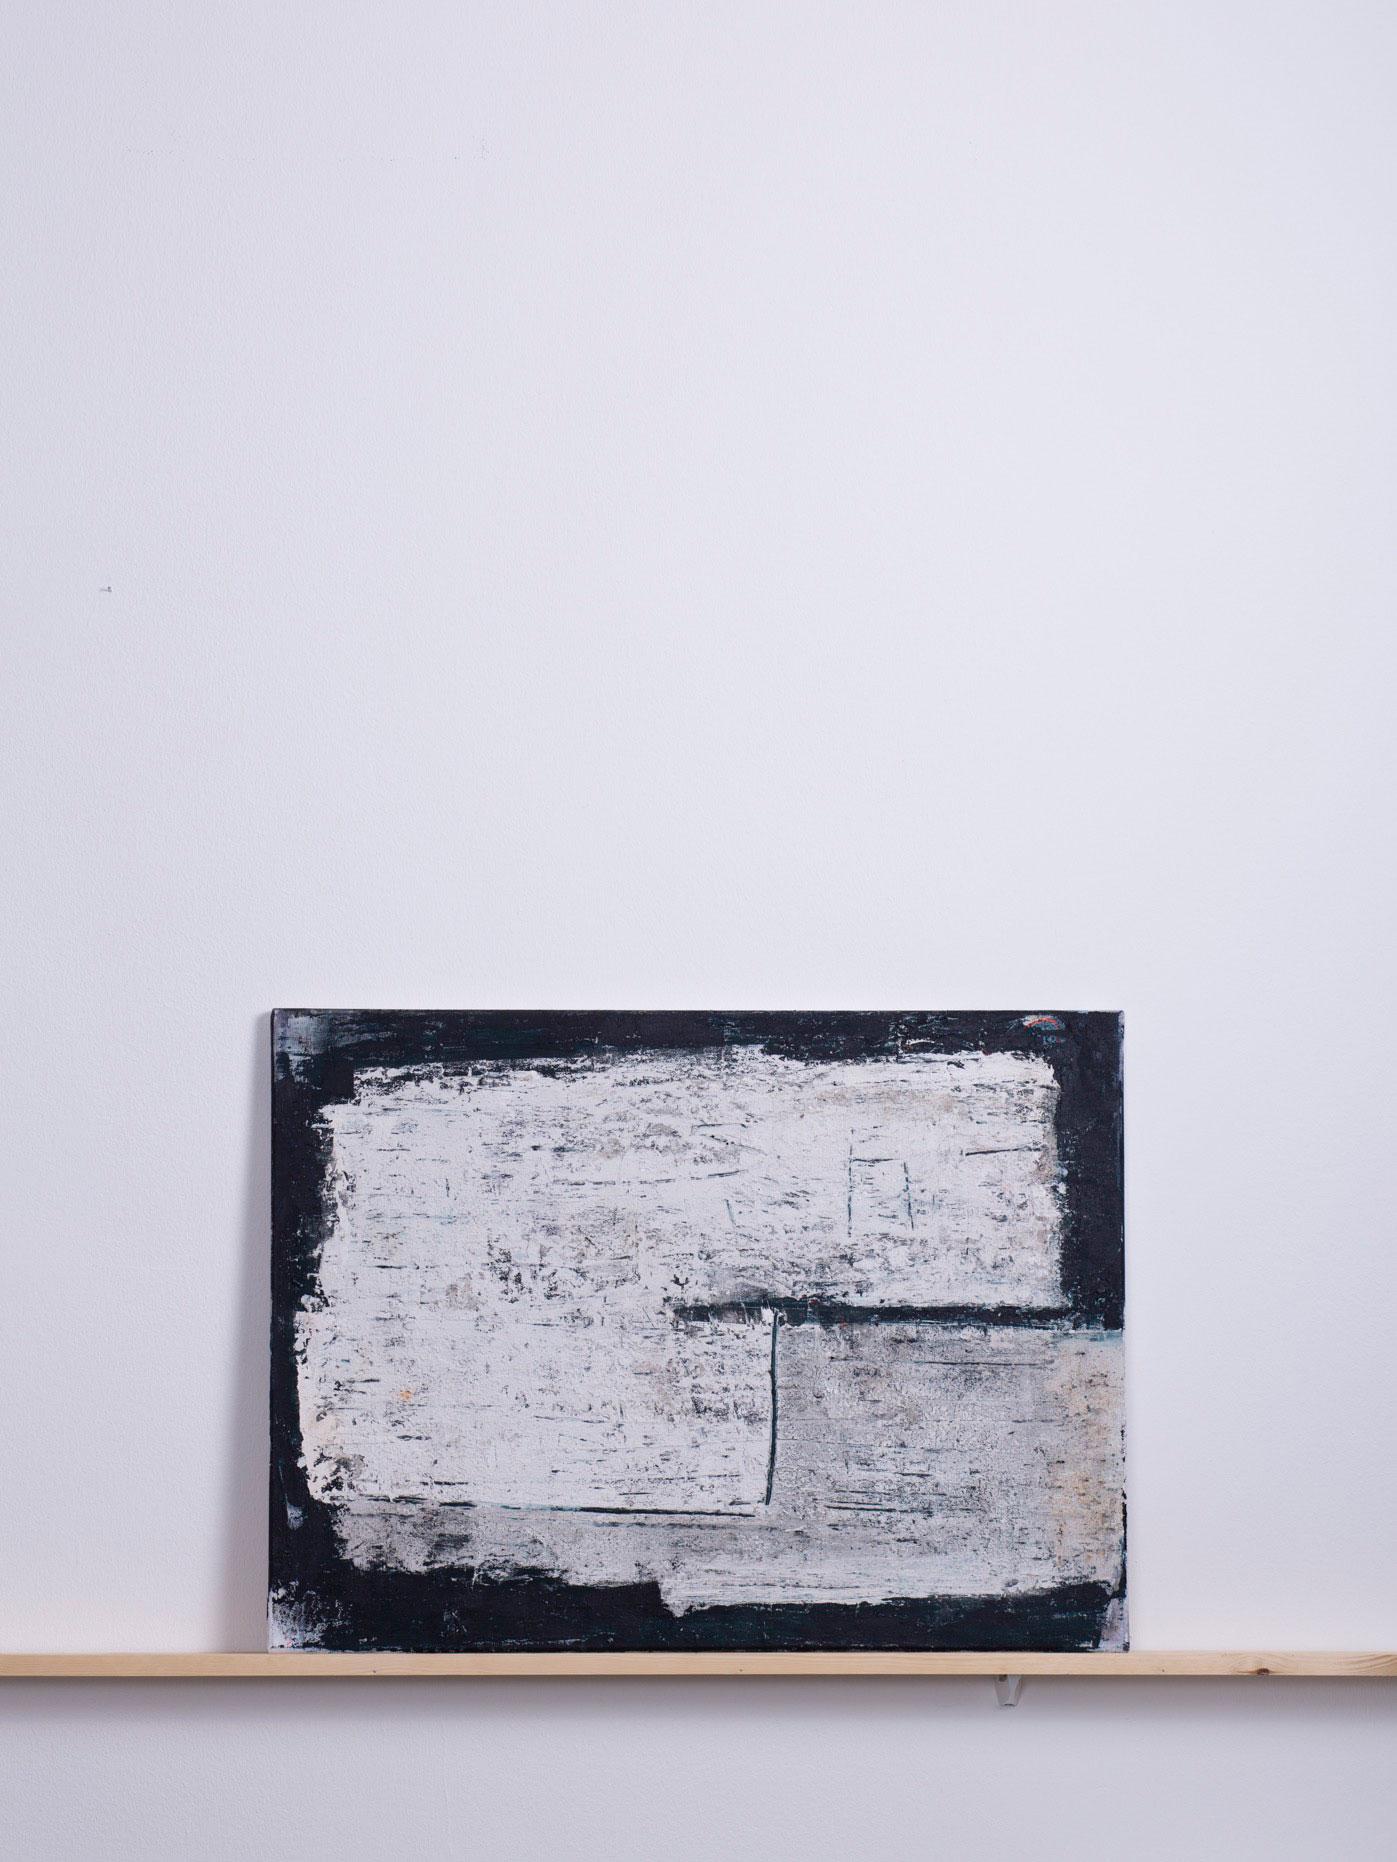 Yami Kado, 2014 - 80x60 cm, <br>Acryl, Spachtel und Sand auf Leinwand